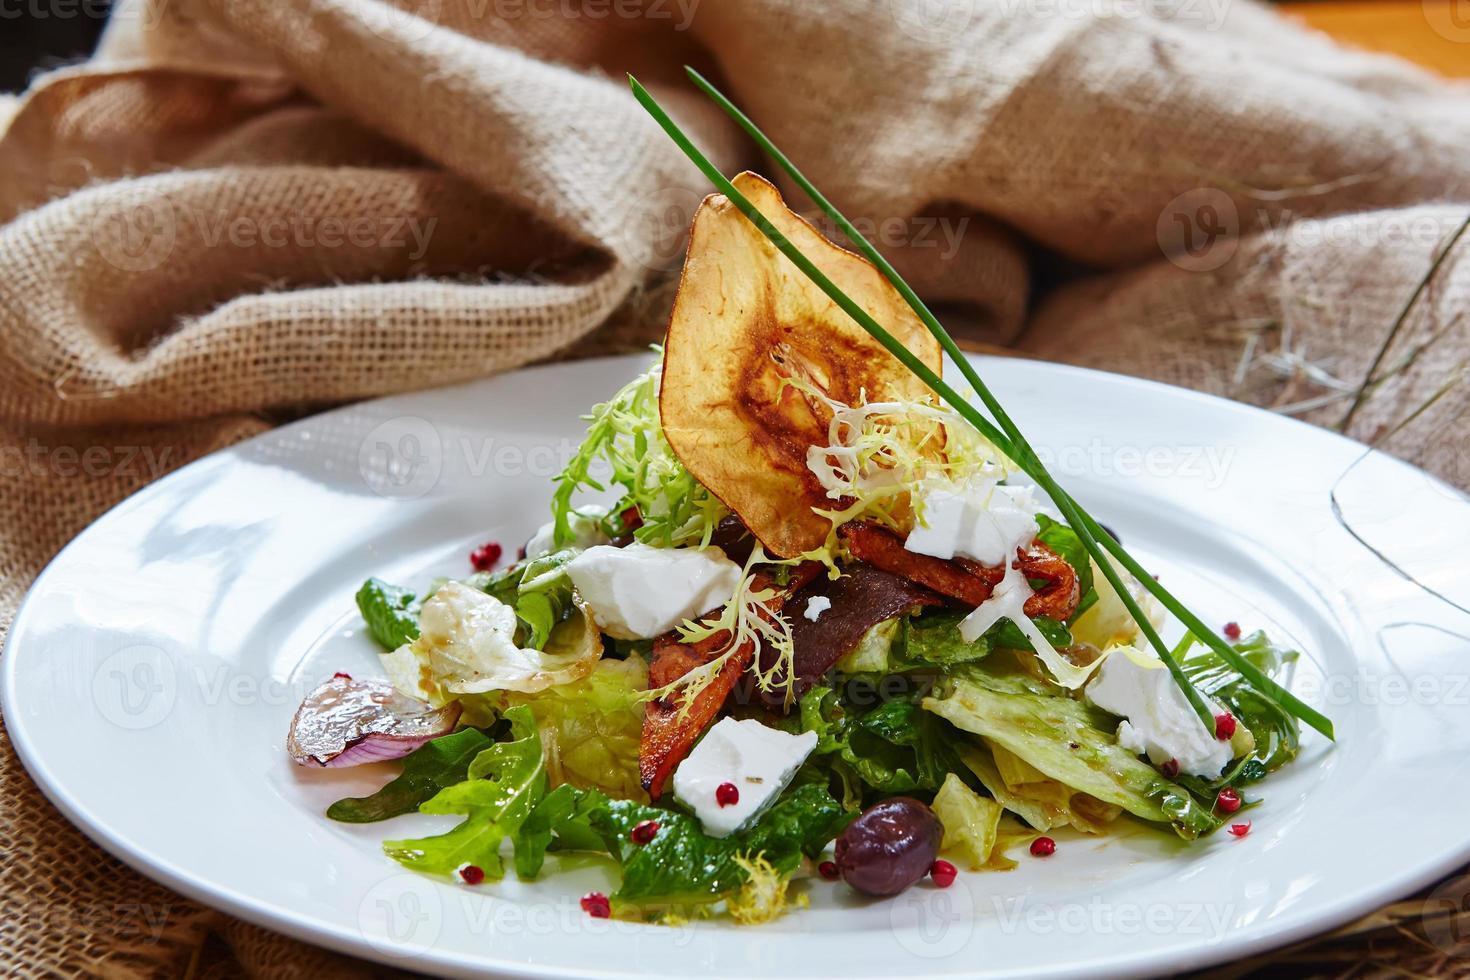 insalata di primavera fresca con formaggio feta, cipolla rossa in bianco foto